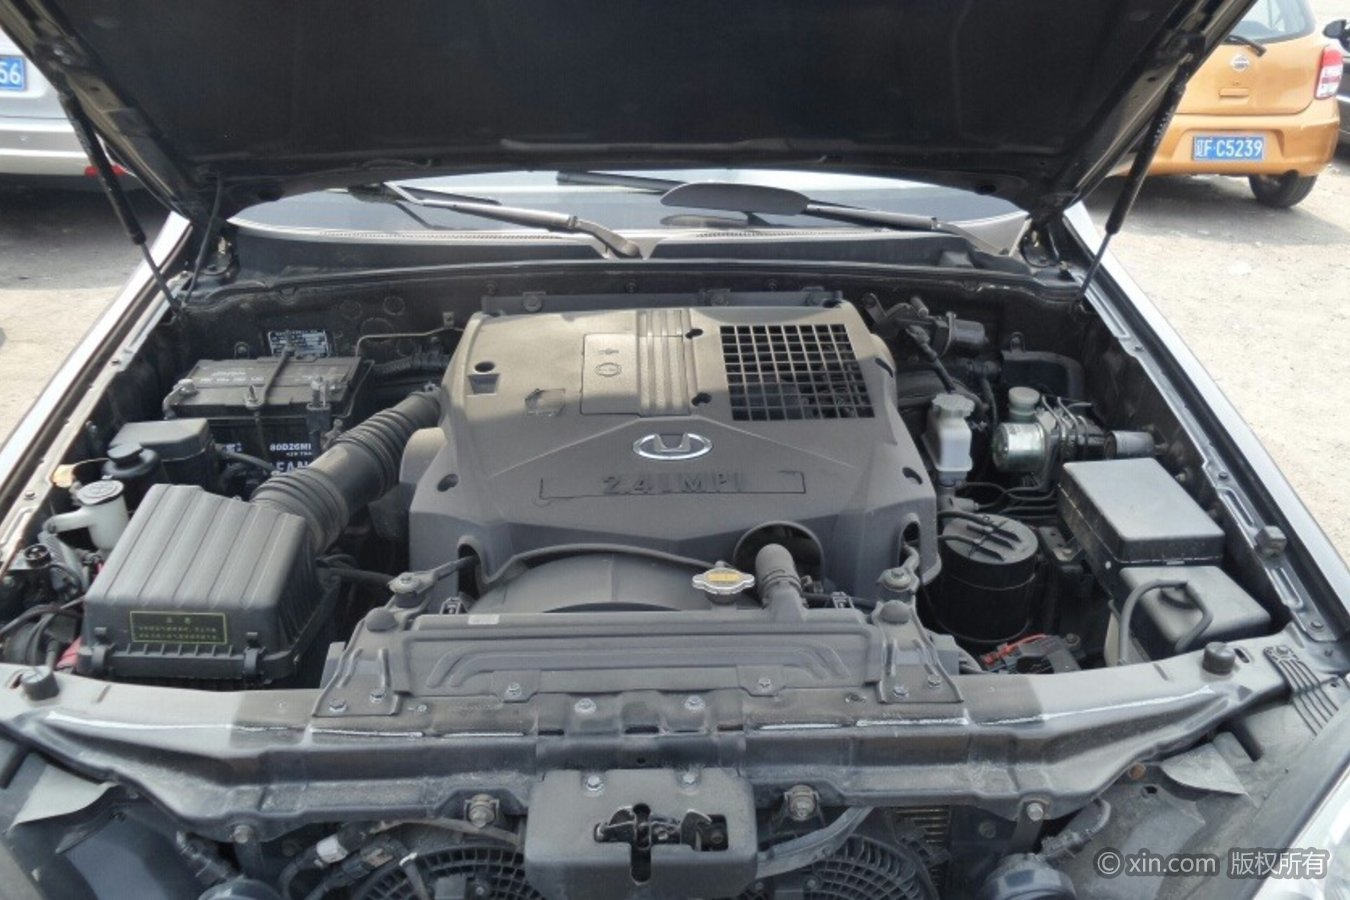 华泰特拉卡发动机订制版的宝马7系图片